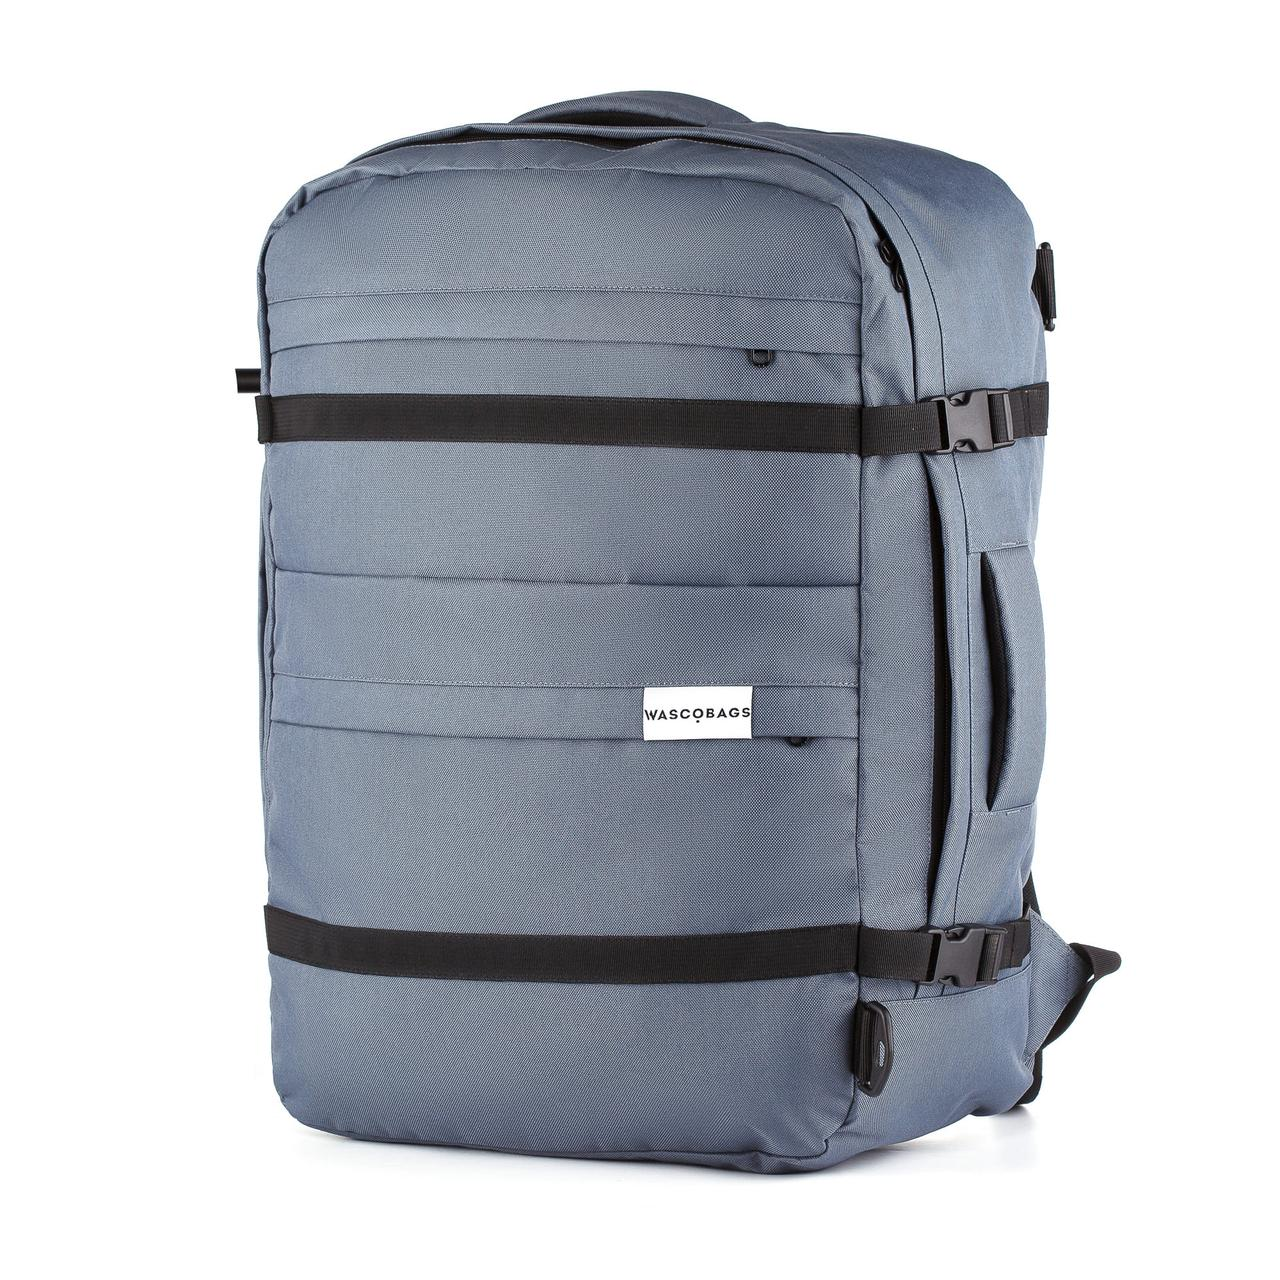 Рюкзак-сумка для ручной клади Wascobags Traveller 55x40x20 Графит